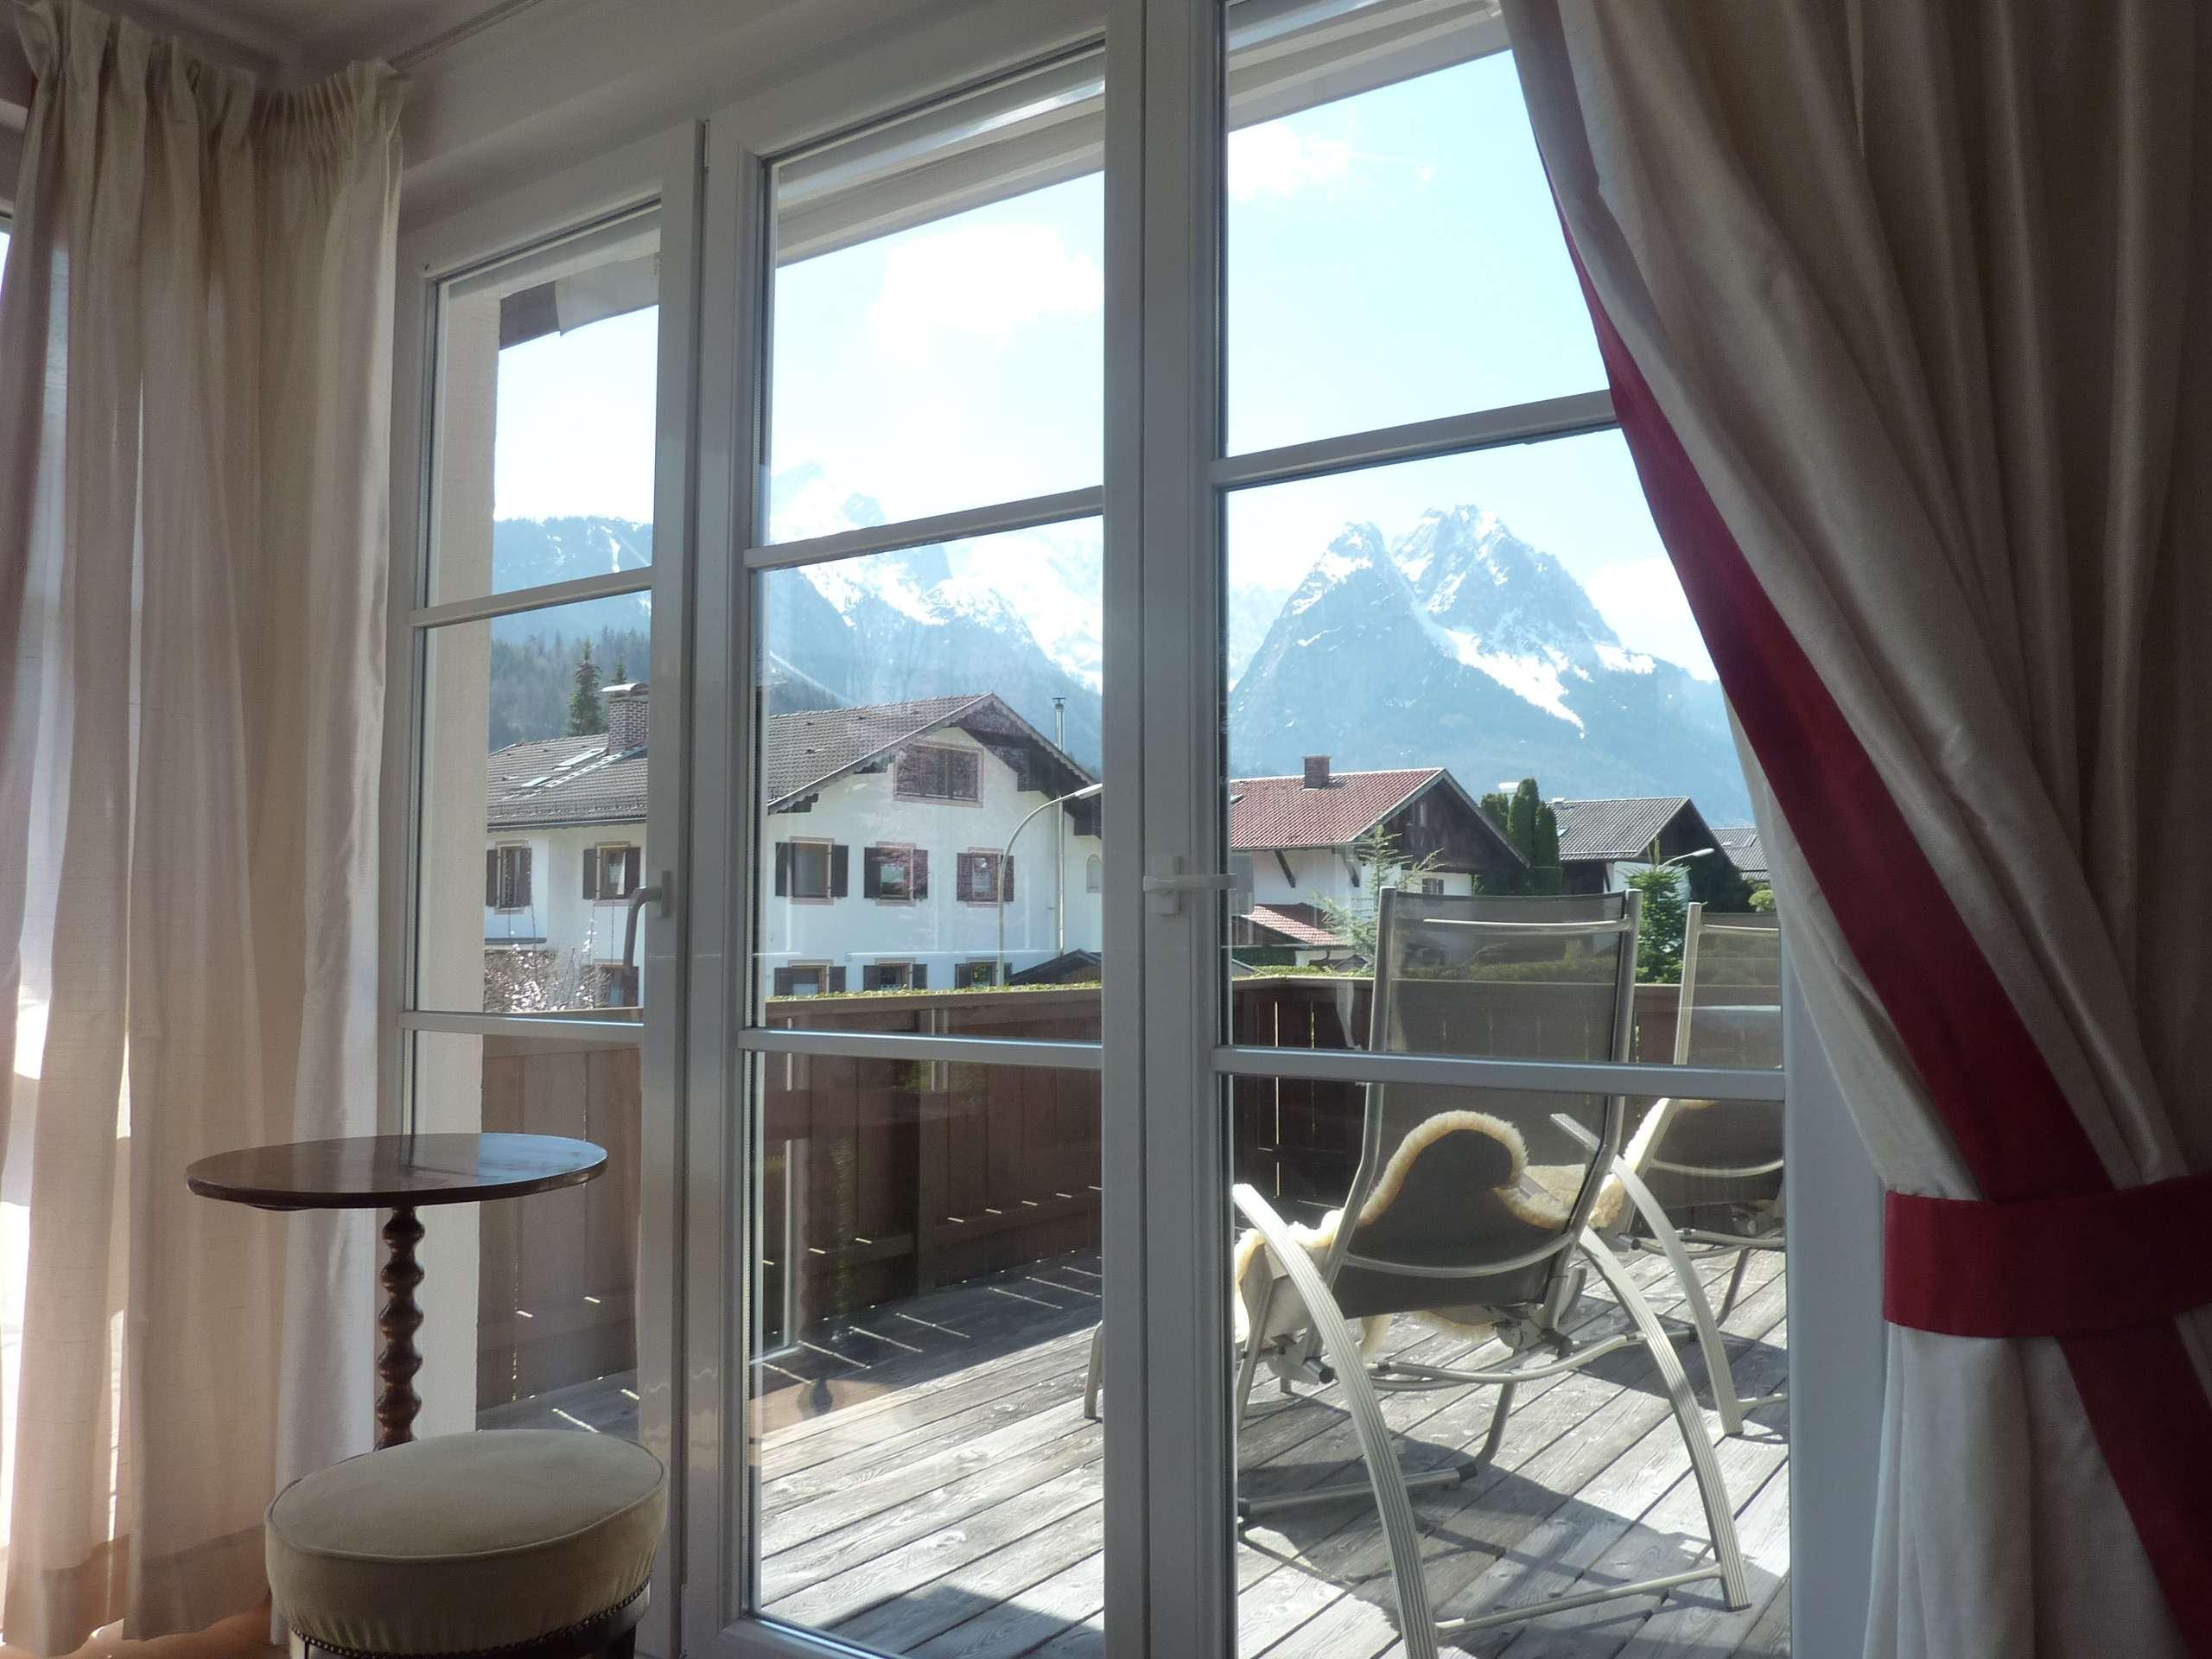 190qm: Traumhafte 3,5 Zi, Kamin, 2 Bäder, Balkone, 2erGarage, EBK, neuwertig, Garmisch